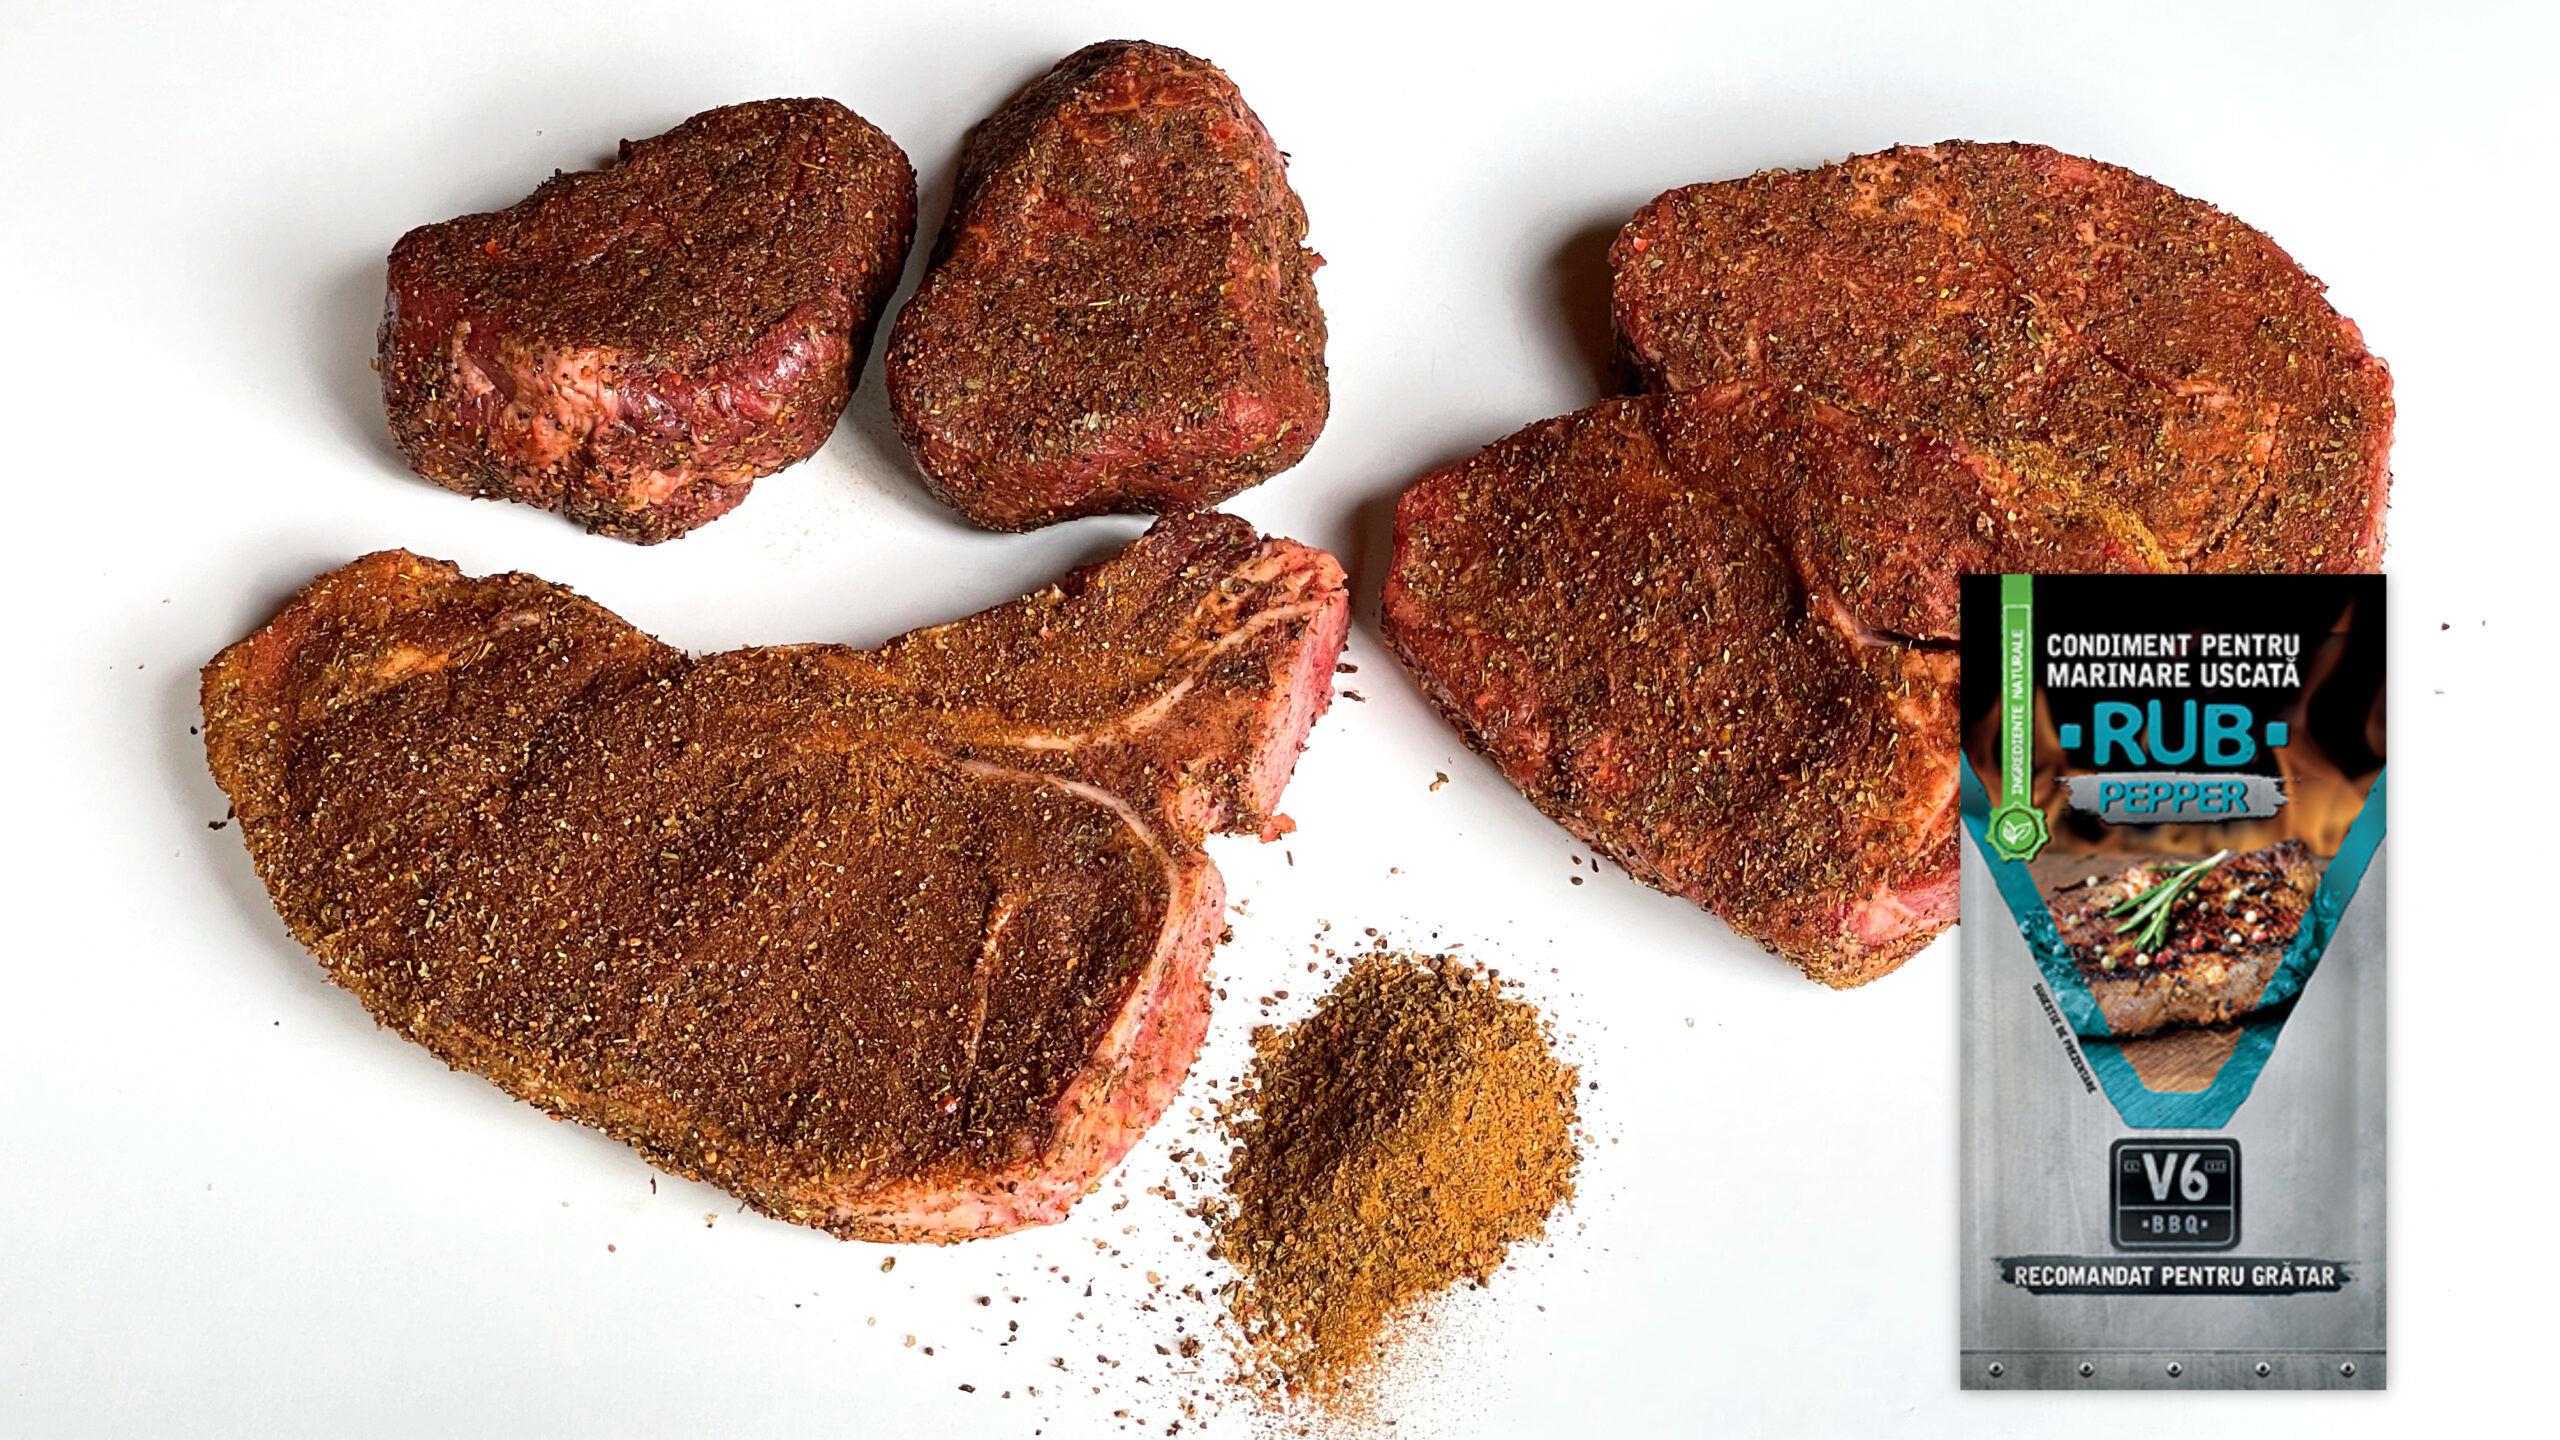 Don Carne (doncarne.de vs. Edeka Supermarkt mit Rub